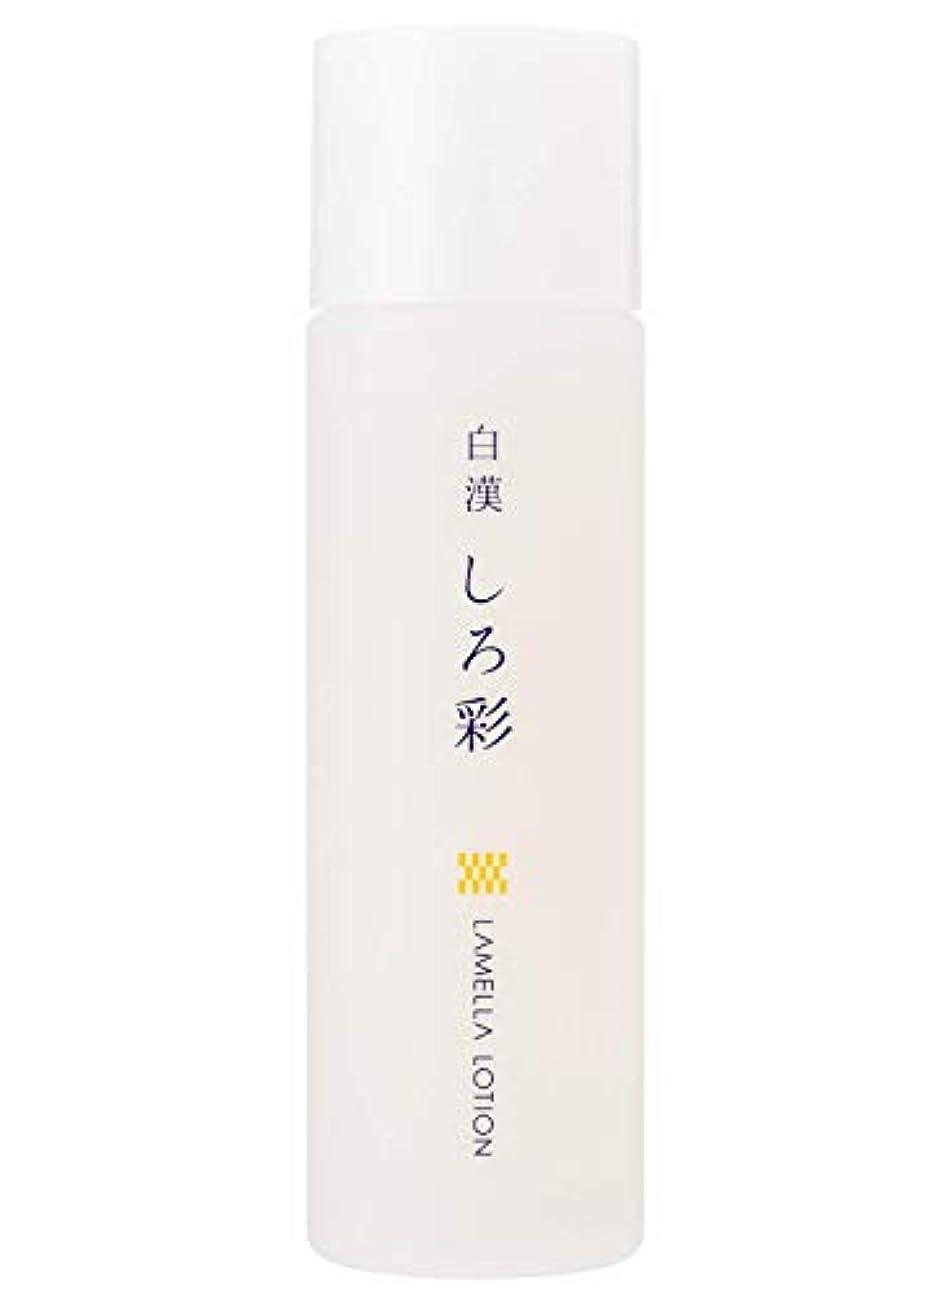 スーパー解決するサイレント白漢 しろ彩 正規販売店 ラメラローション 化粧水